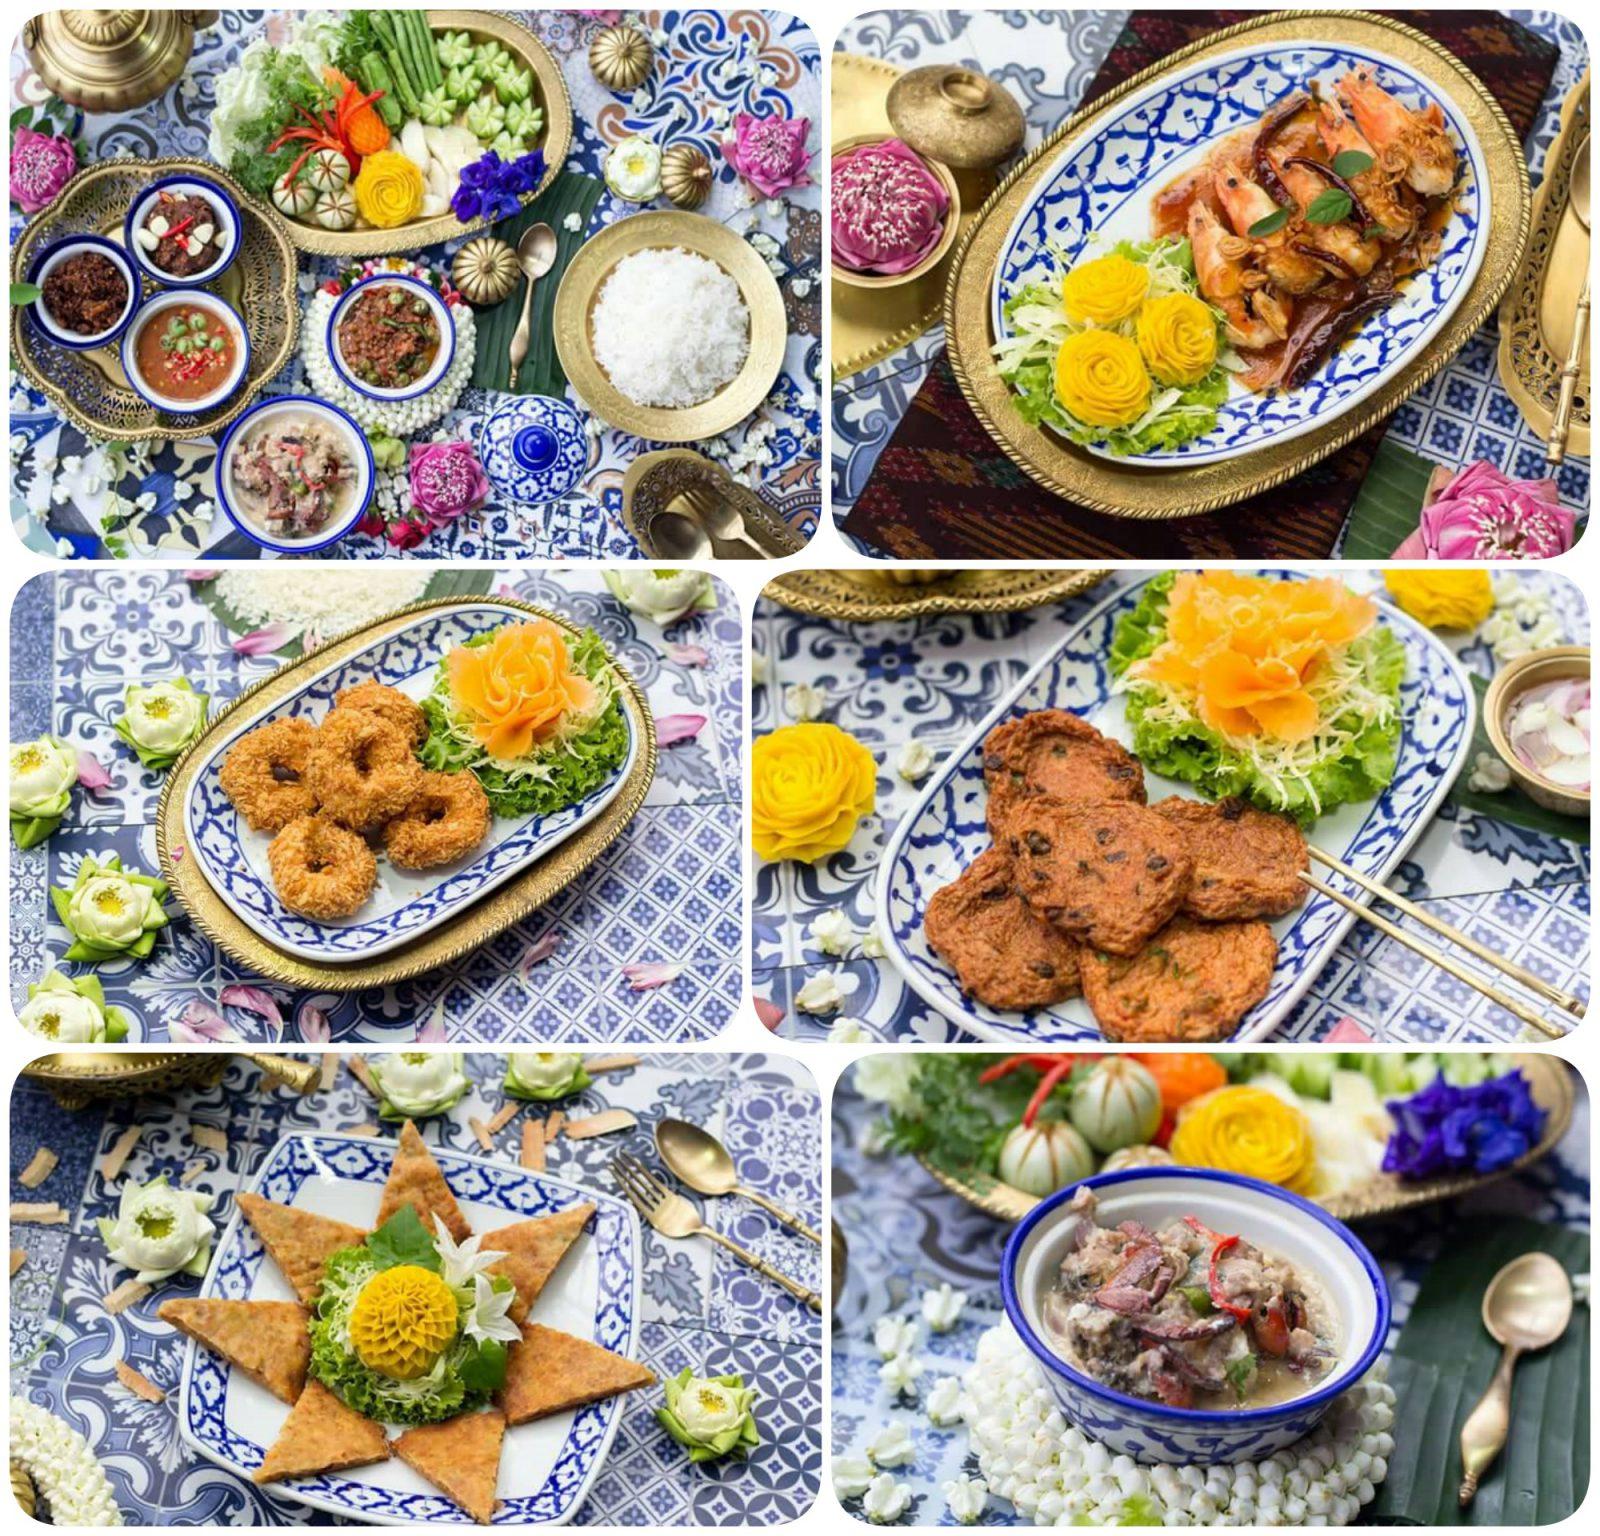 ชุดครัวทองเหลืองตกแต่งบนสำรับอาหารไทยและต่างประเทศ เลิศหรู มีคุณค่าทางวัฒนธรรมไทย